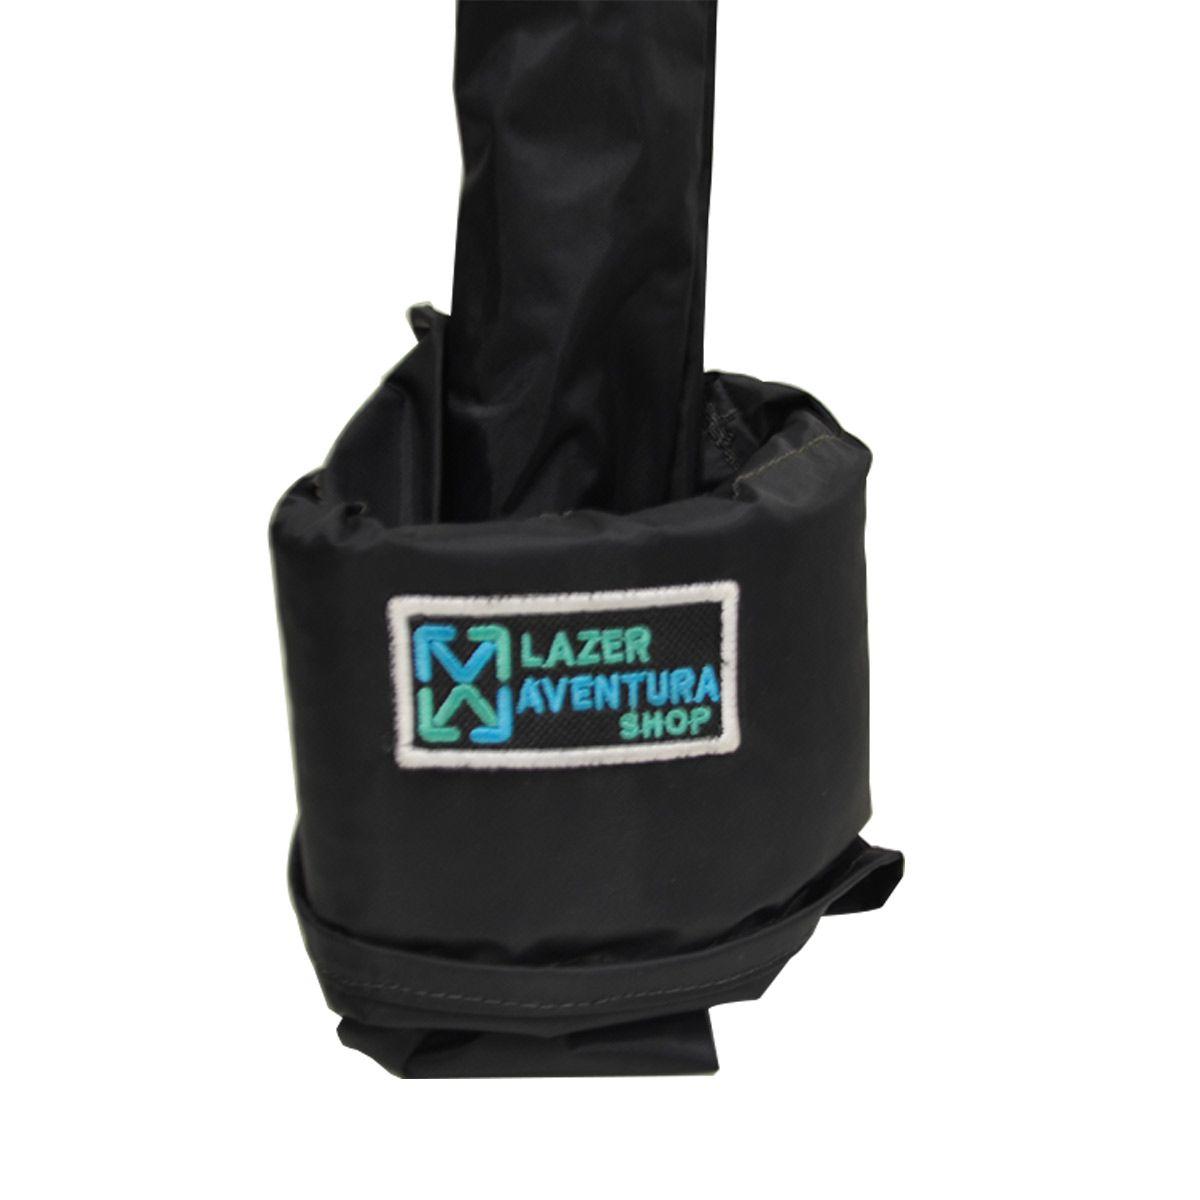 Capa p/ Vara individual Flutuante com protecao p/ carretilha Lazer e Aventura